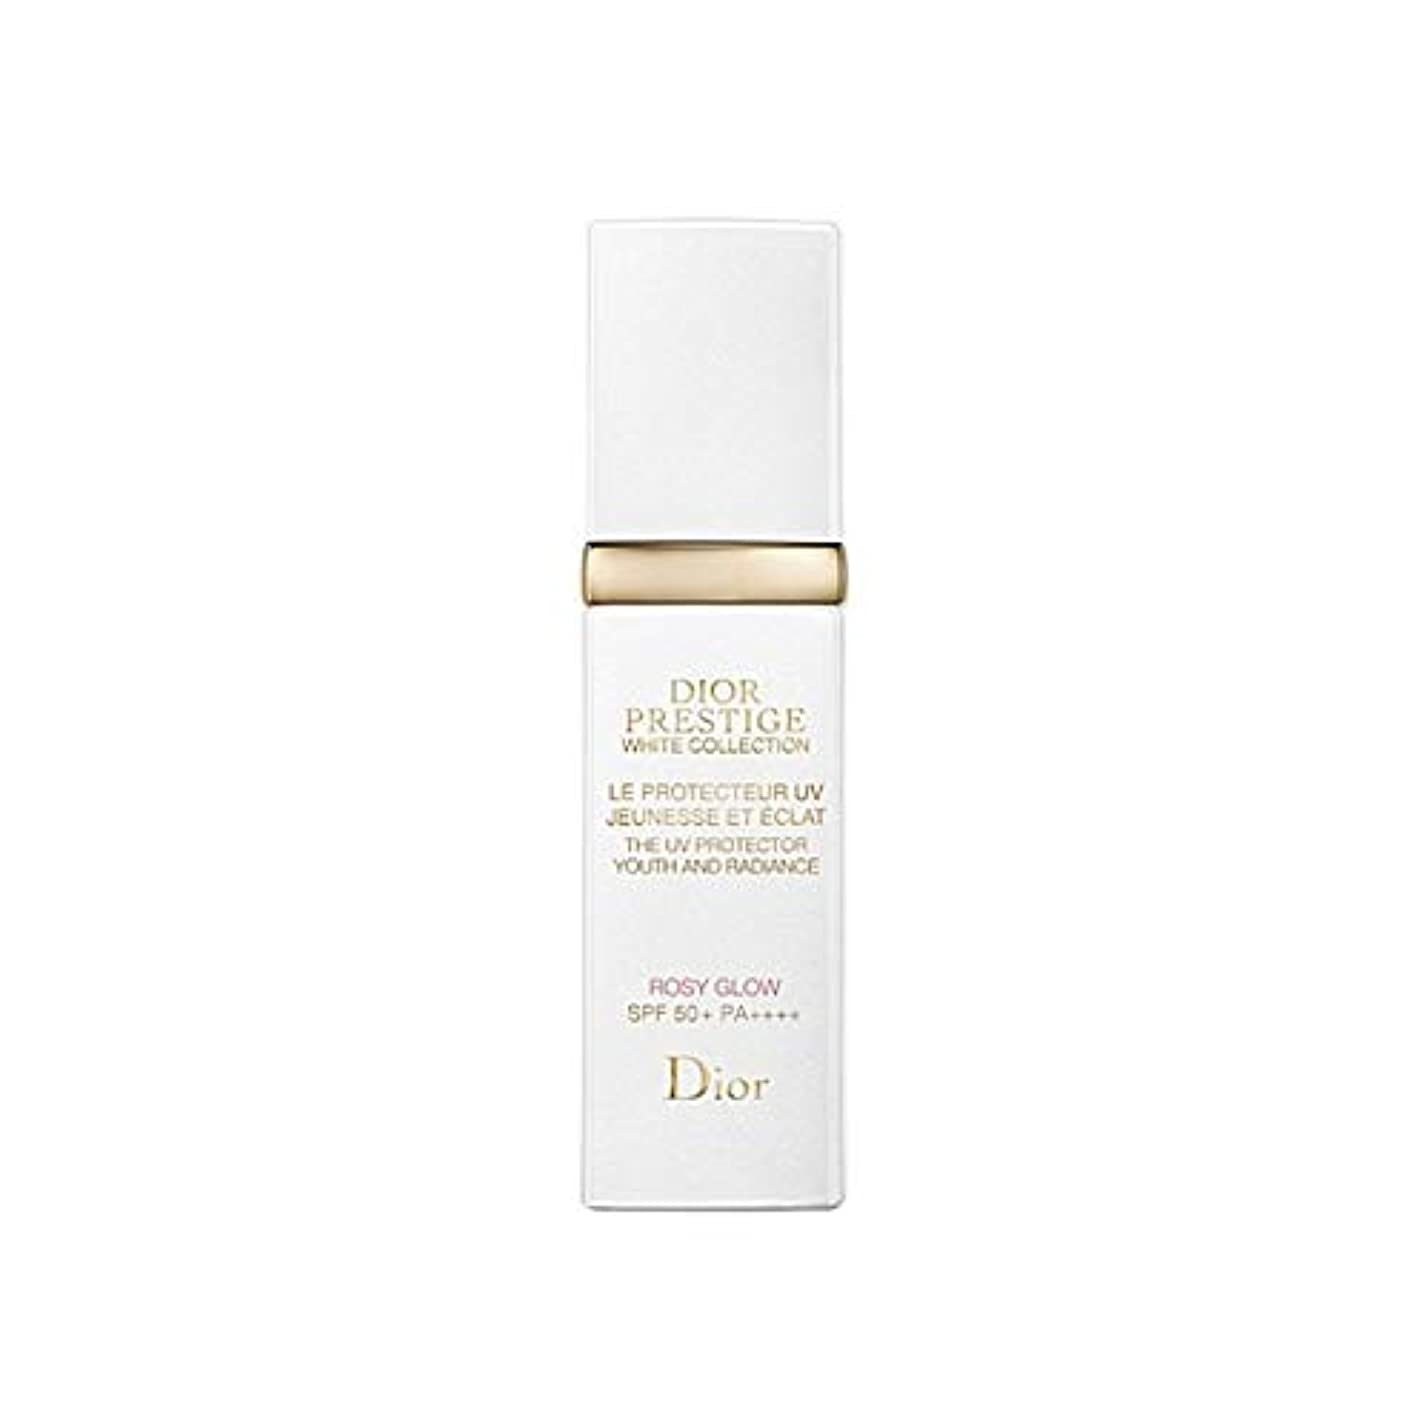 ナビゲーション前奏曲解釈的[Dior] ディオールプレステージUvバラ色のグロー30ミリリットル - Dior Prestige Uv Rosy Glow 30ml [並行輸入品]